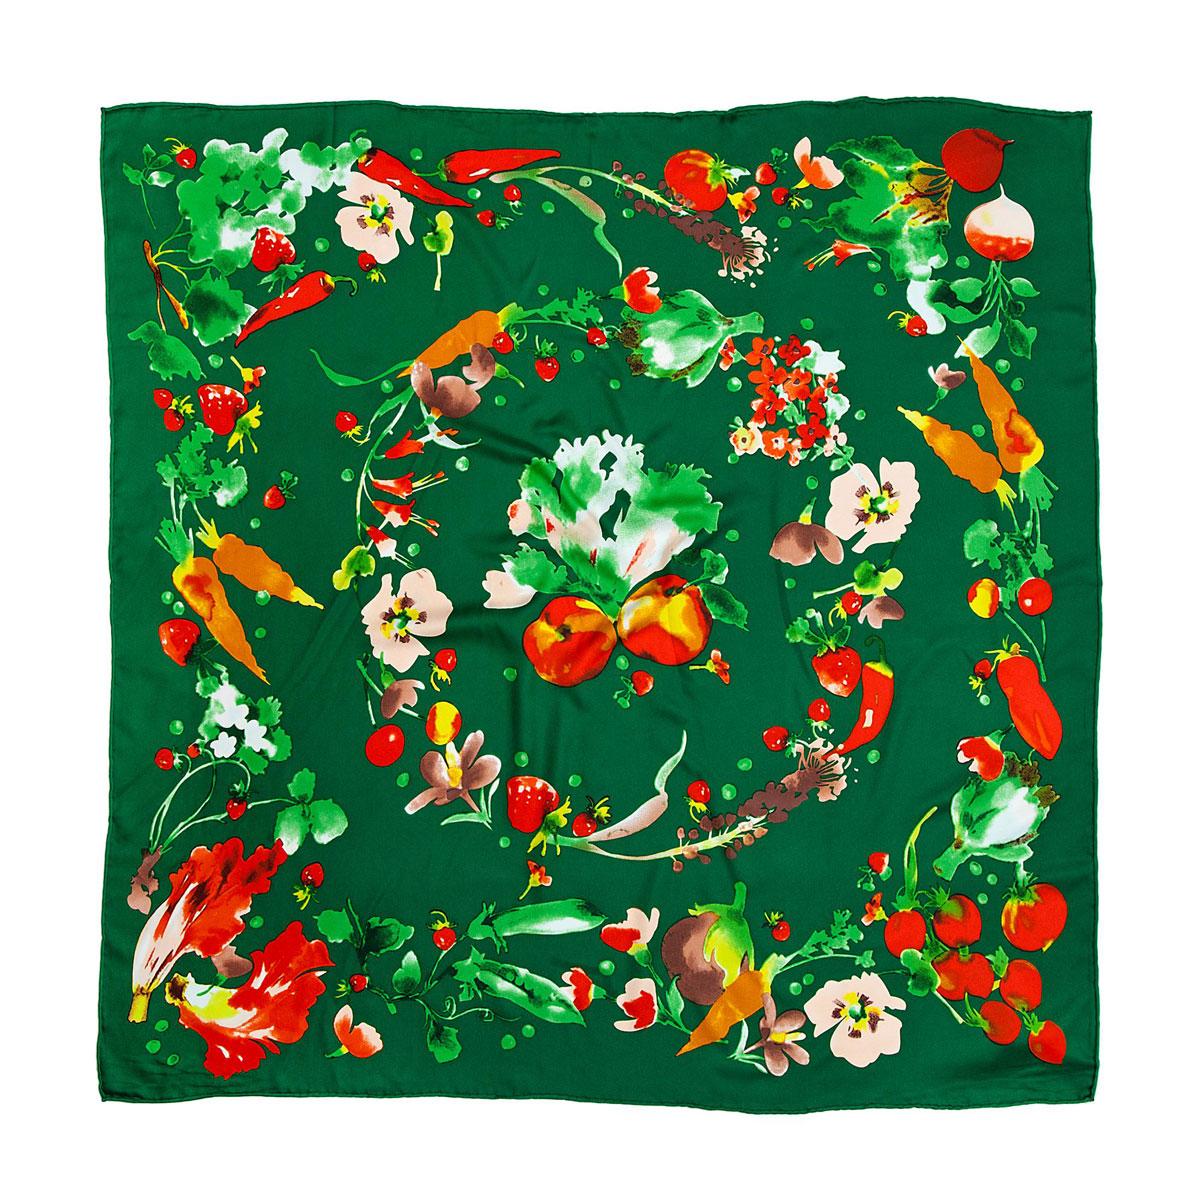 Платок23/0245/243Яркий и стильный платок Модные истории станет великолепным завершением любого наряда. Платок изготовлен из высококачественного полиэстера. Он оформлен красочным принтом в виде овощей, ягод и цветов. Классическая квадратная форма позволяет носить его на шее, украшать прическу или декорировать сумочку. Мягкий и шелковистый платок поможет вам создать оригинальный женственный образ. Такой платок превосходно дополнит любой наряд и подчеркнет ваш неповторимый вкус и элегантность.